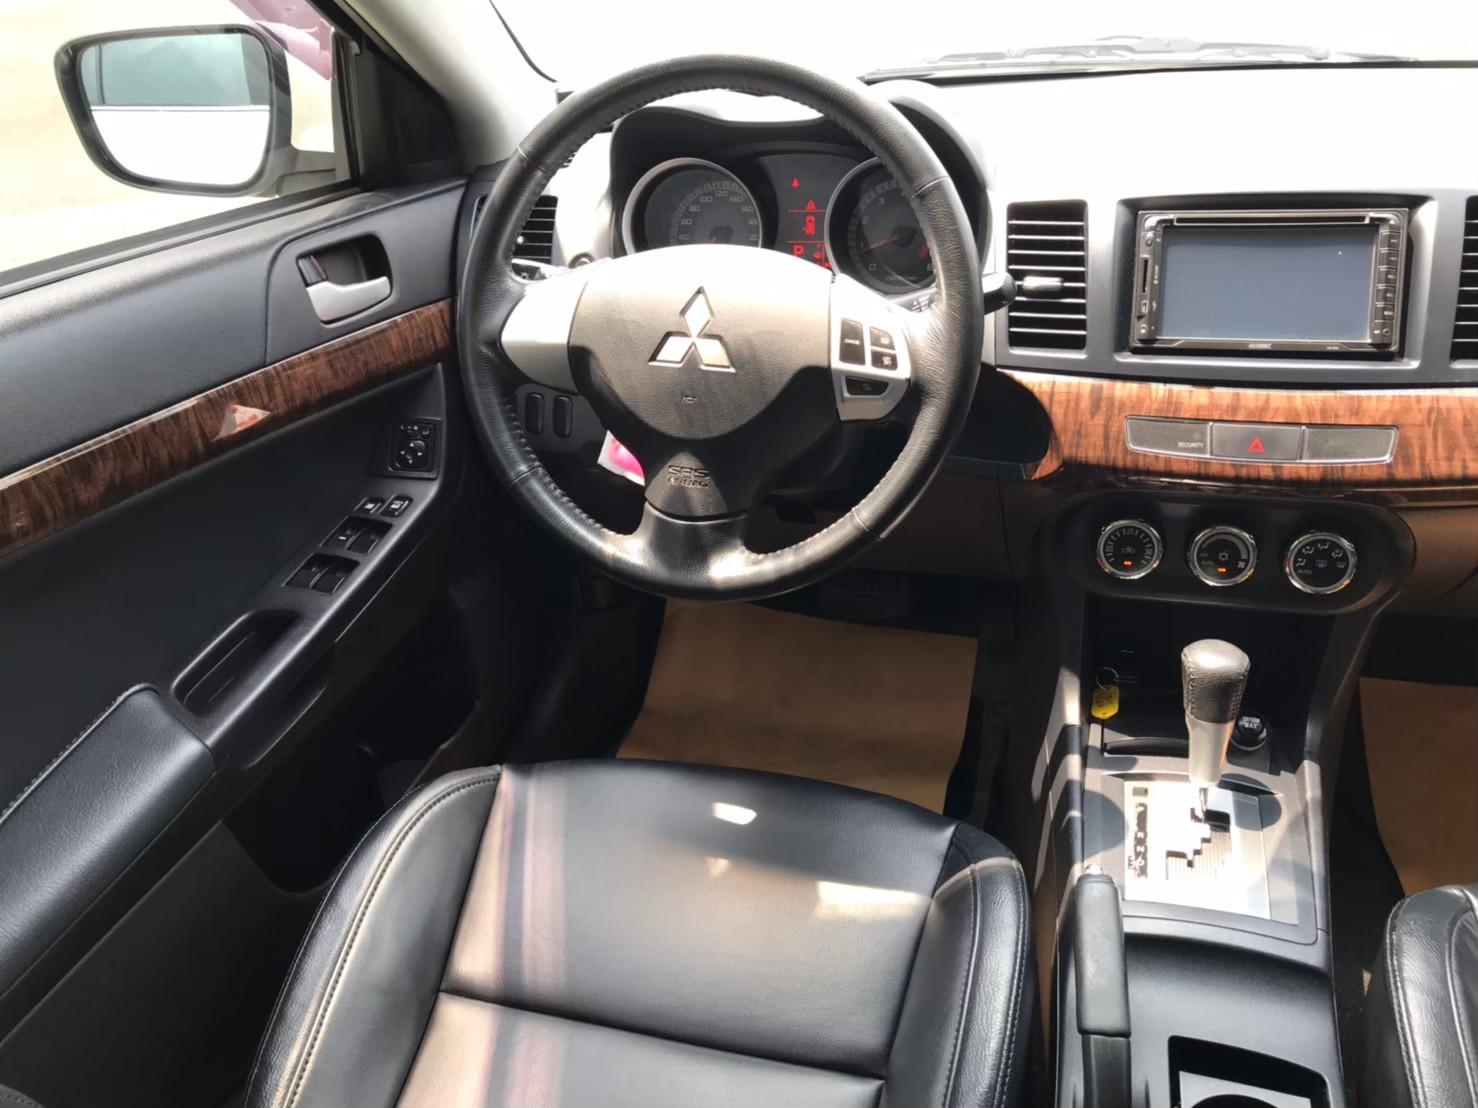 2010年FORTIS白1.8 SUM24.8實跑7萬 一手女用車 i-KEY 3安 定速 倒車影像_210523_5